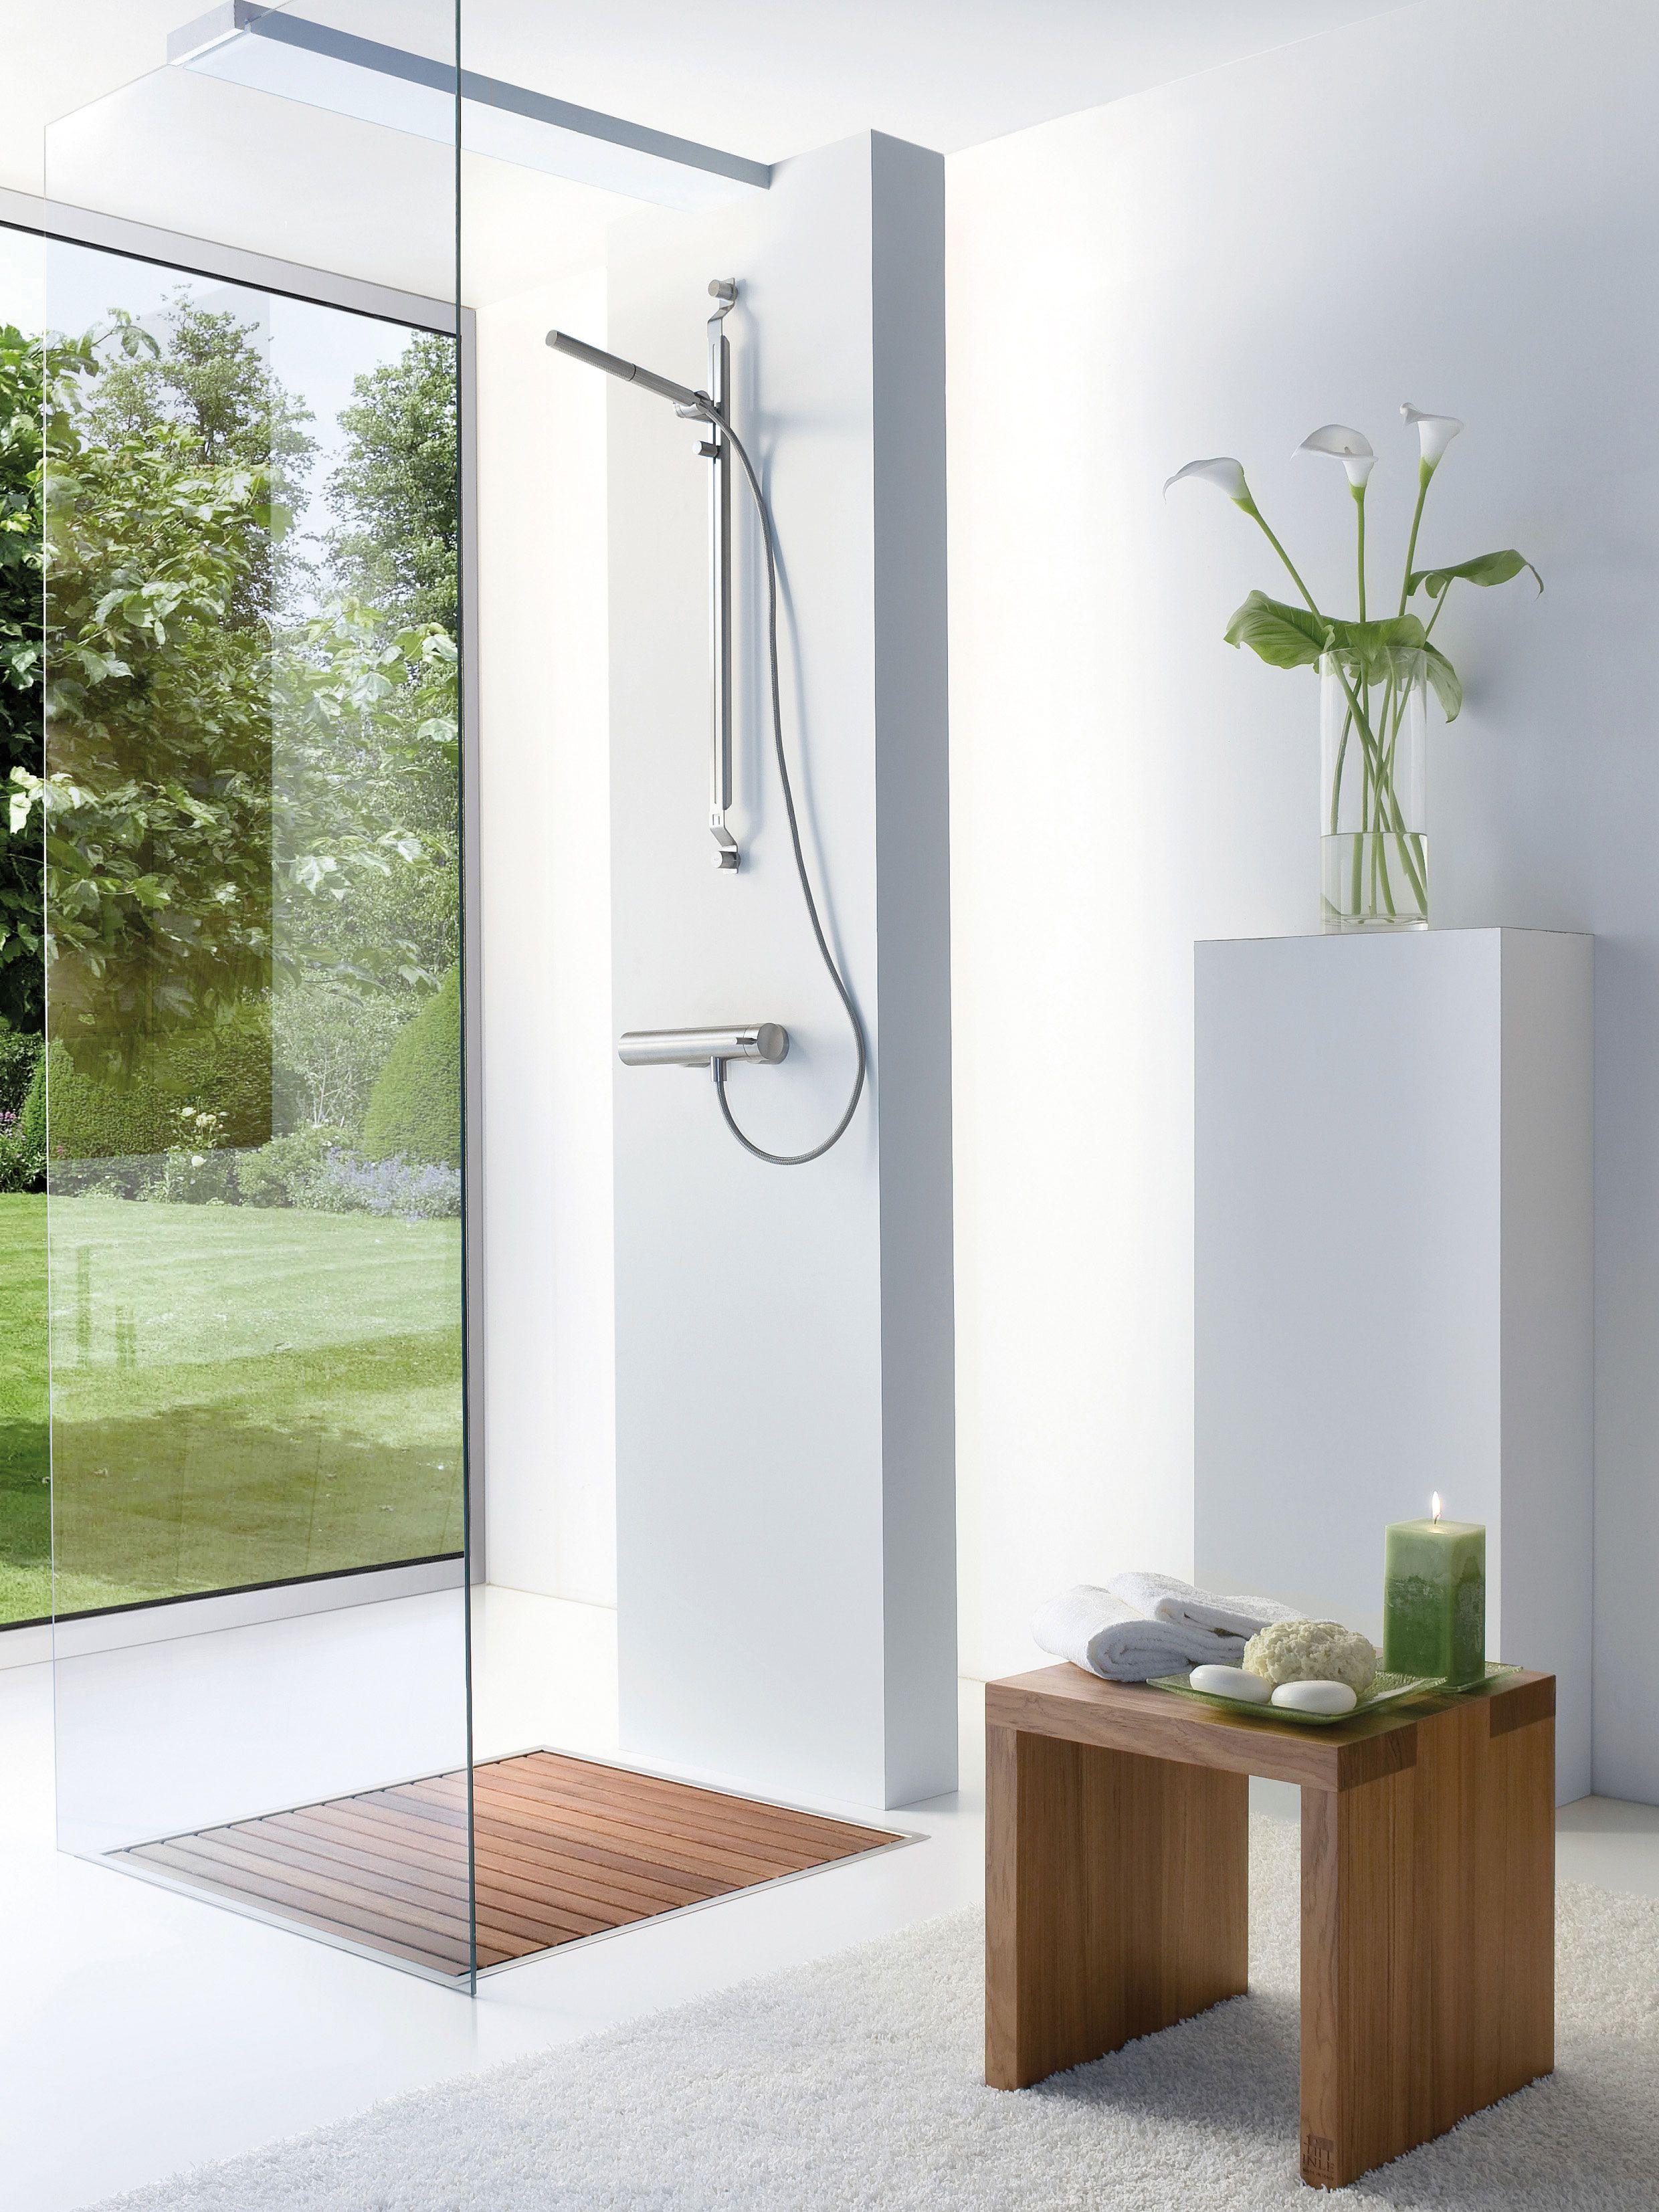 douche met houten vlonder wat een prachtige open ruimte is deze